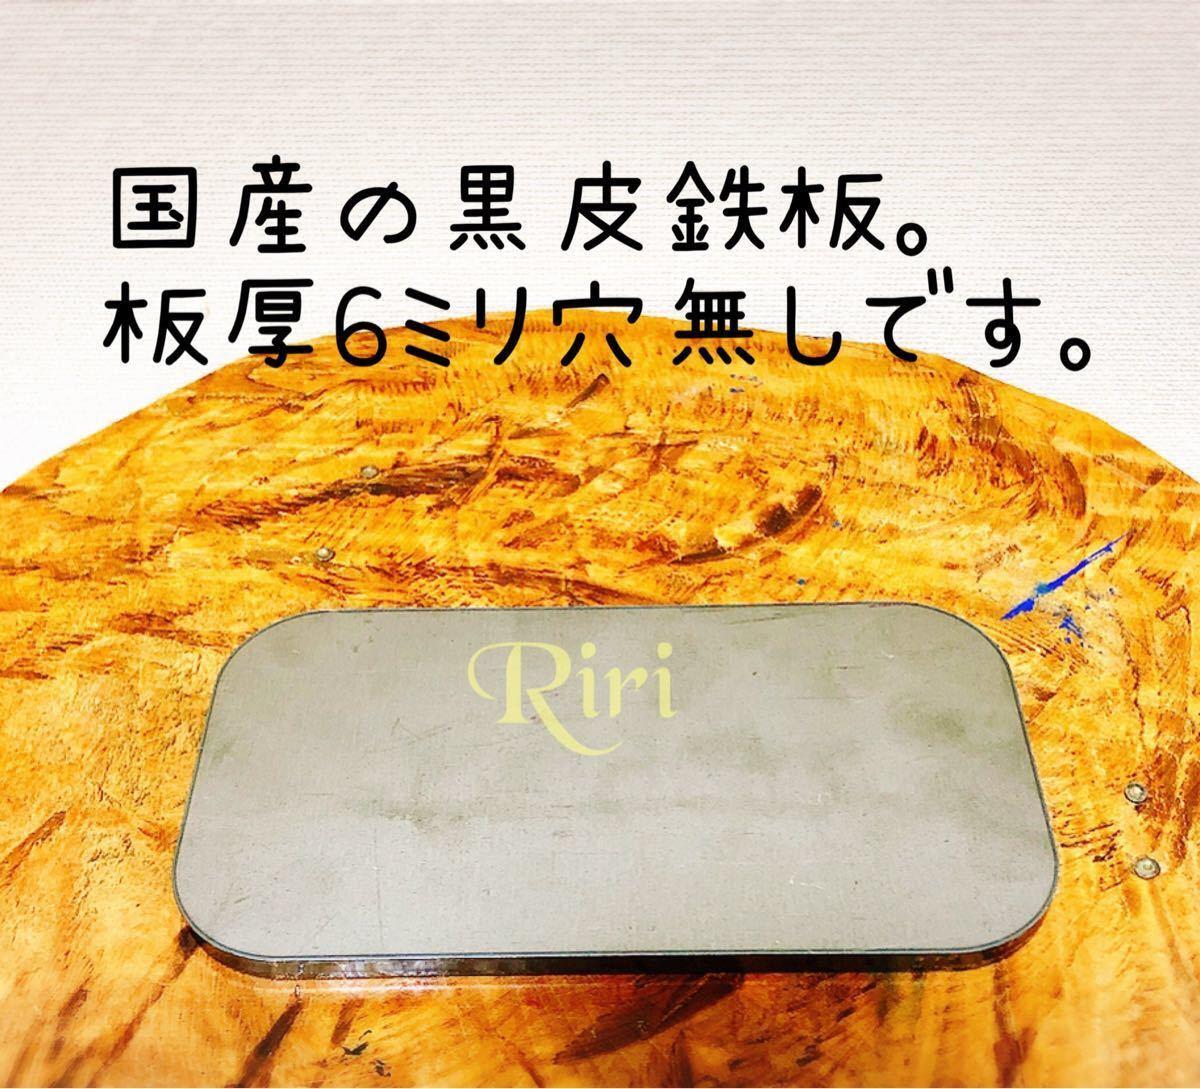 スモールメスティンに収納可能な鉄板/トランギア 板厚6ミリ/穴無しの黒皮鉄板/単品